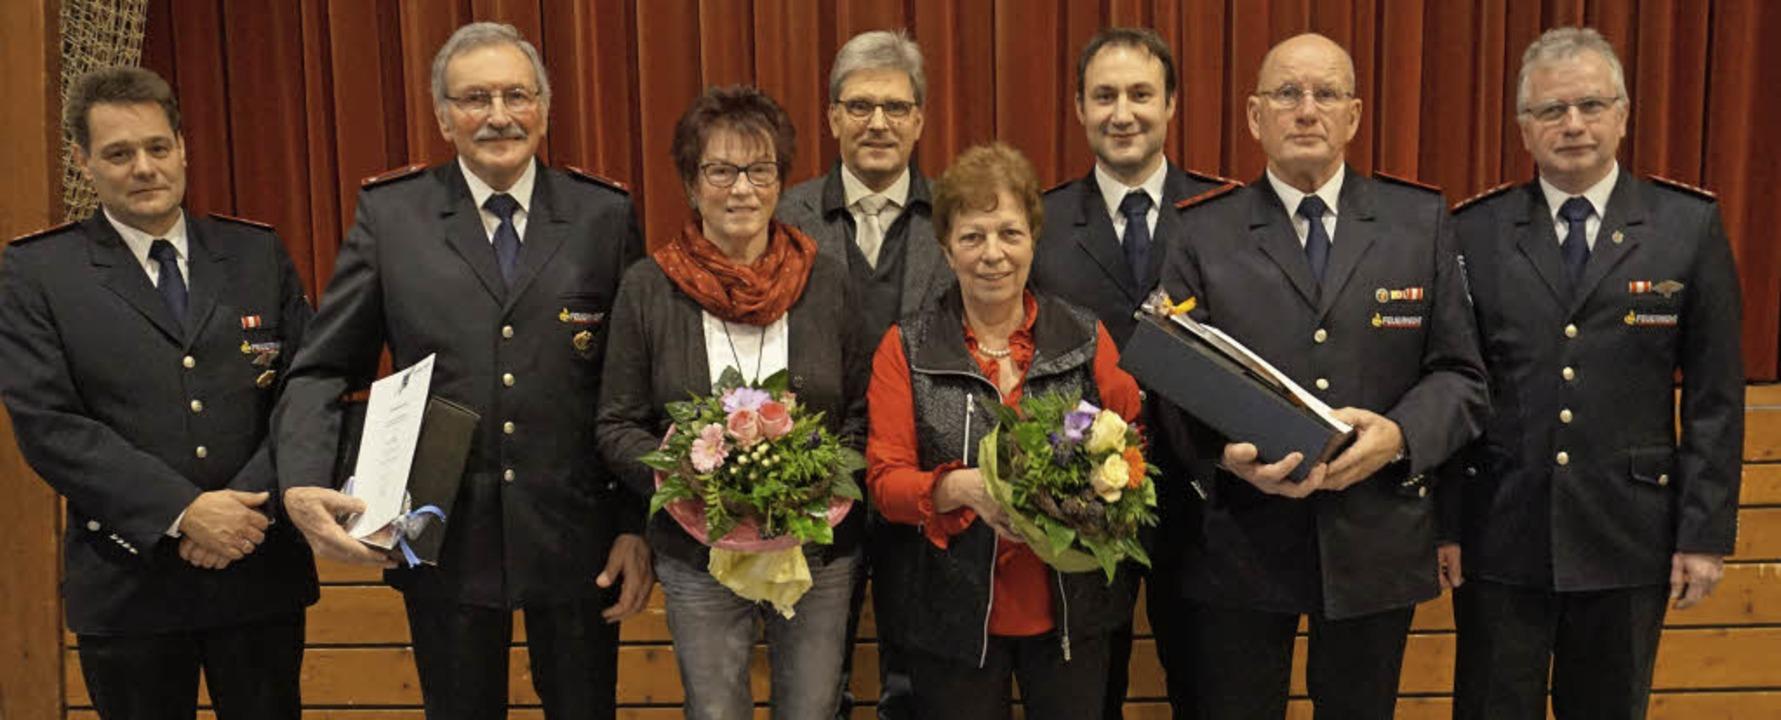 Jahreshauptversammlung der Feuerwehr i...Kommandant Rolf Lupberger (von links).  | Foto: Julius Steckmeister